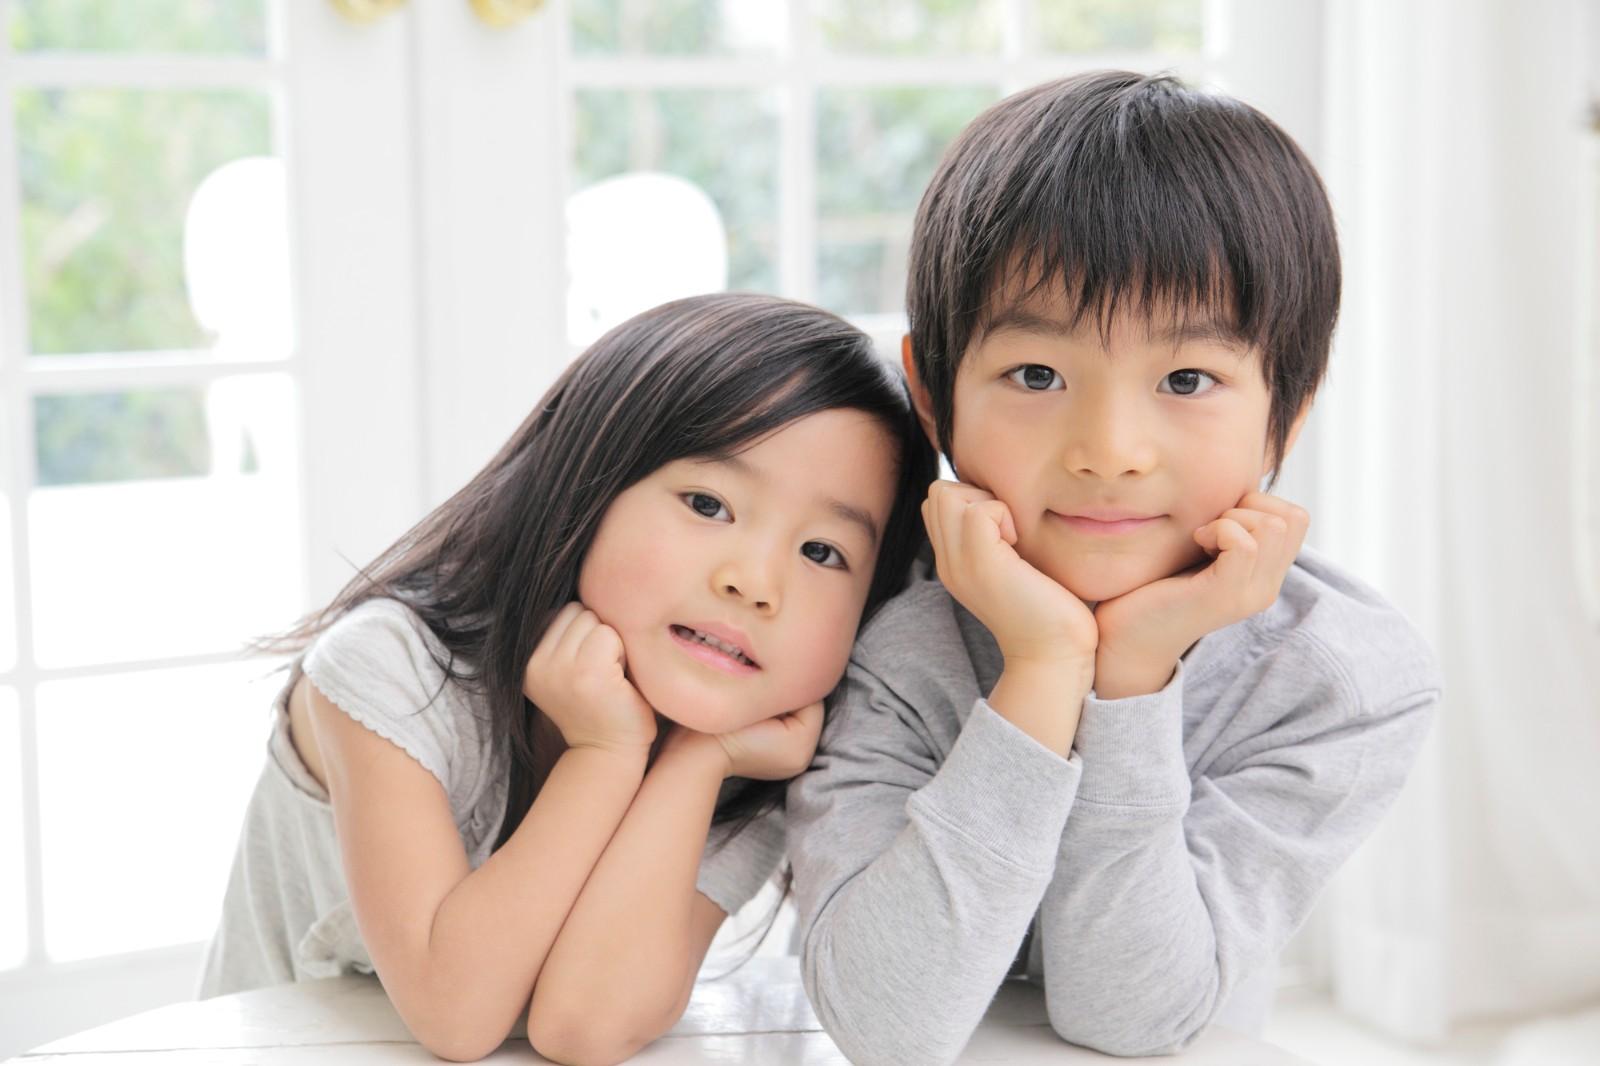 五六周岁的孩子适合每天定量学习识字吗?专家:需要以寓教于乐的方式来学